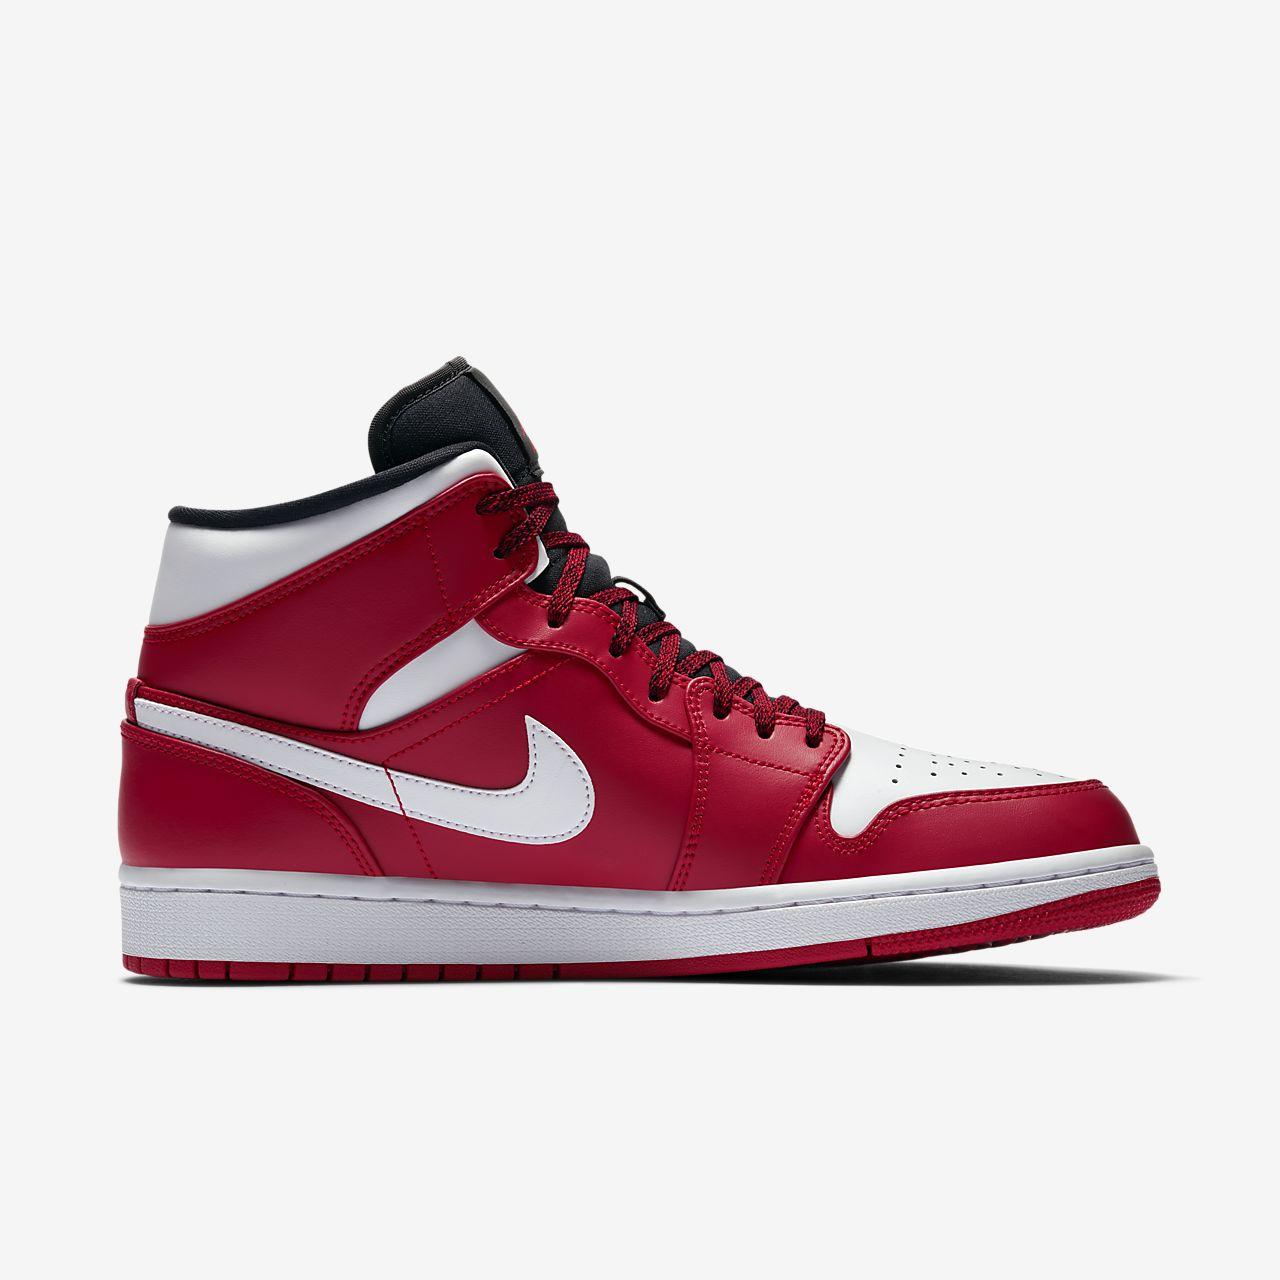 Nike Air Jordan 1 Mediados sitios web baratas pidEj